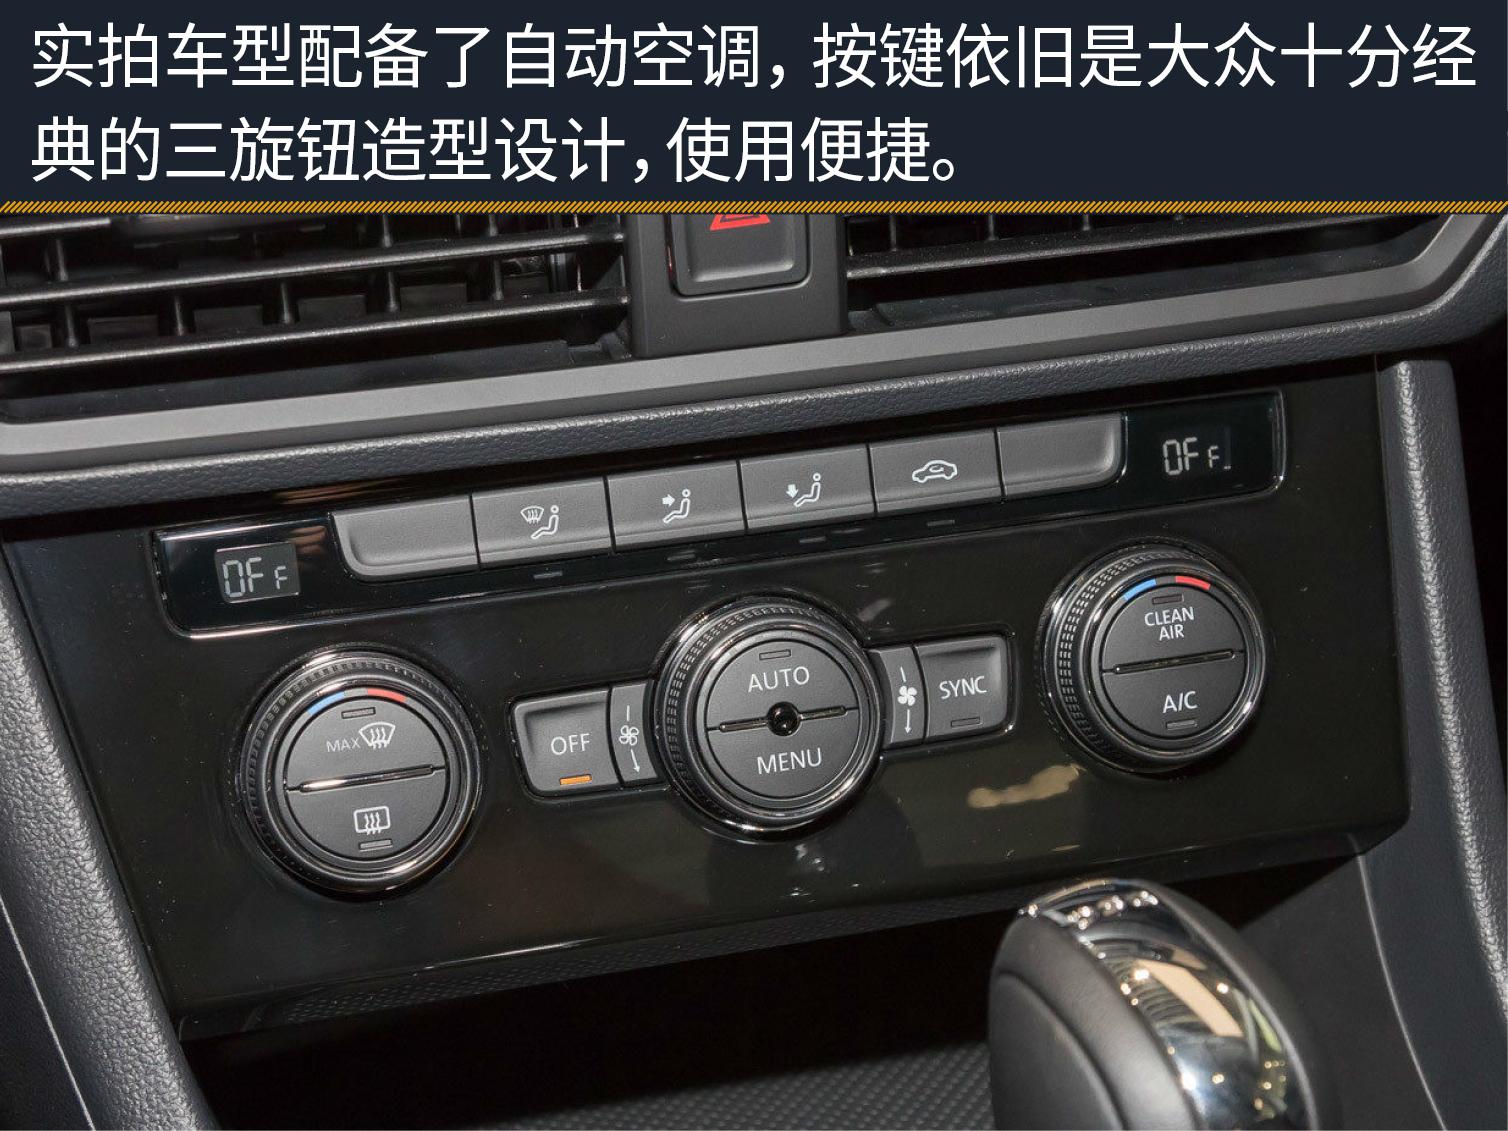 74mm的轴距增加使得全新宝来的车内乘坐空间有了一个质的提升,对于